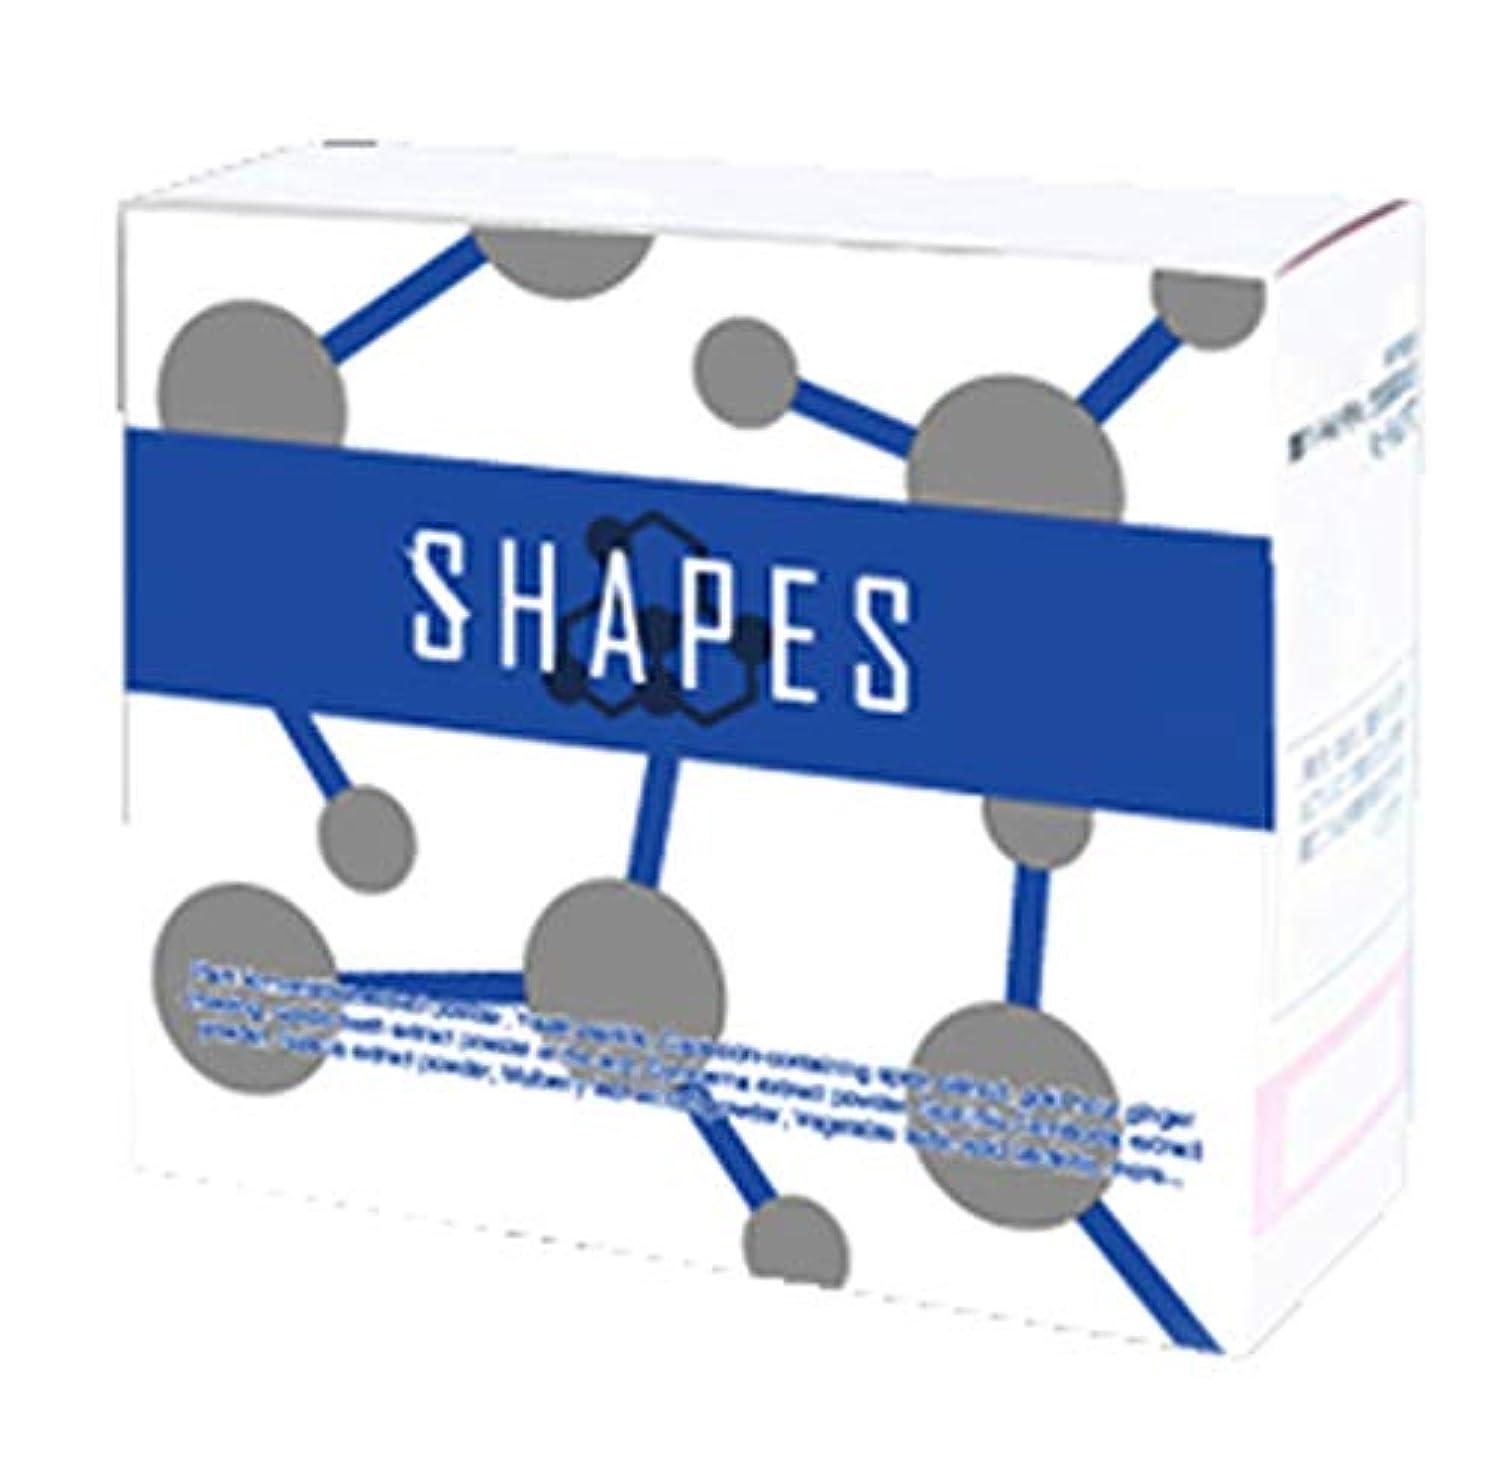 びっくりする変化する一般SHAPES(シェイプス)